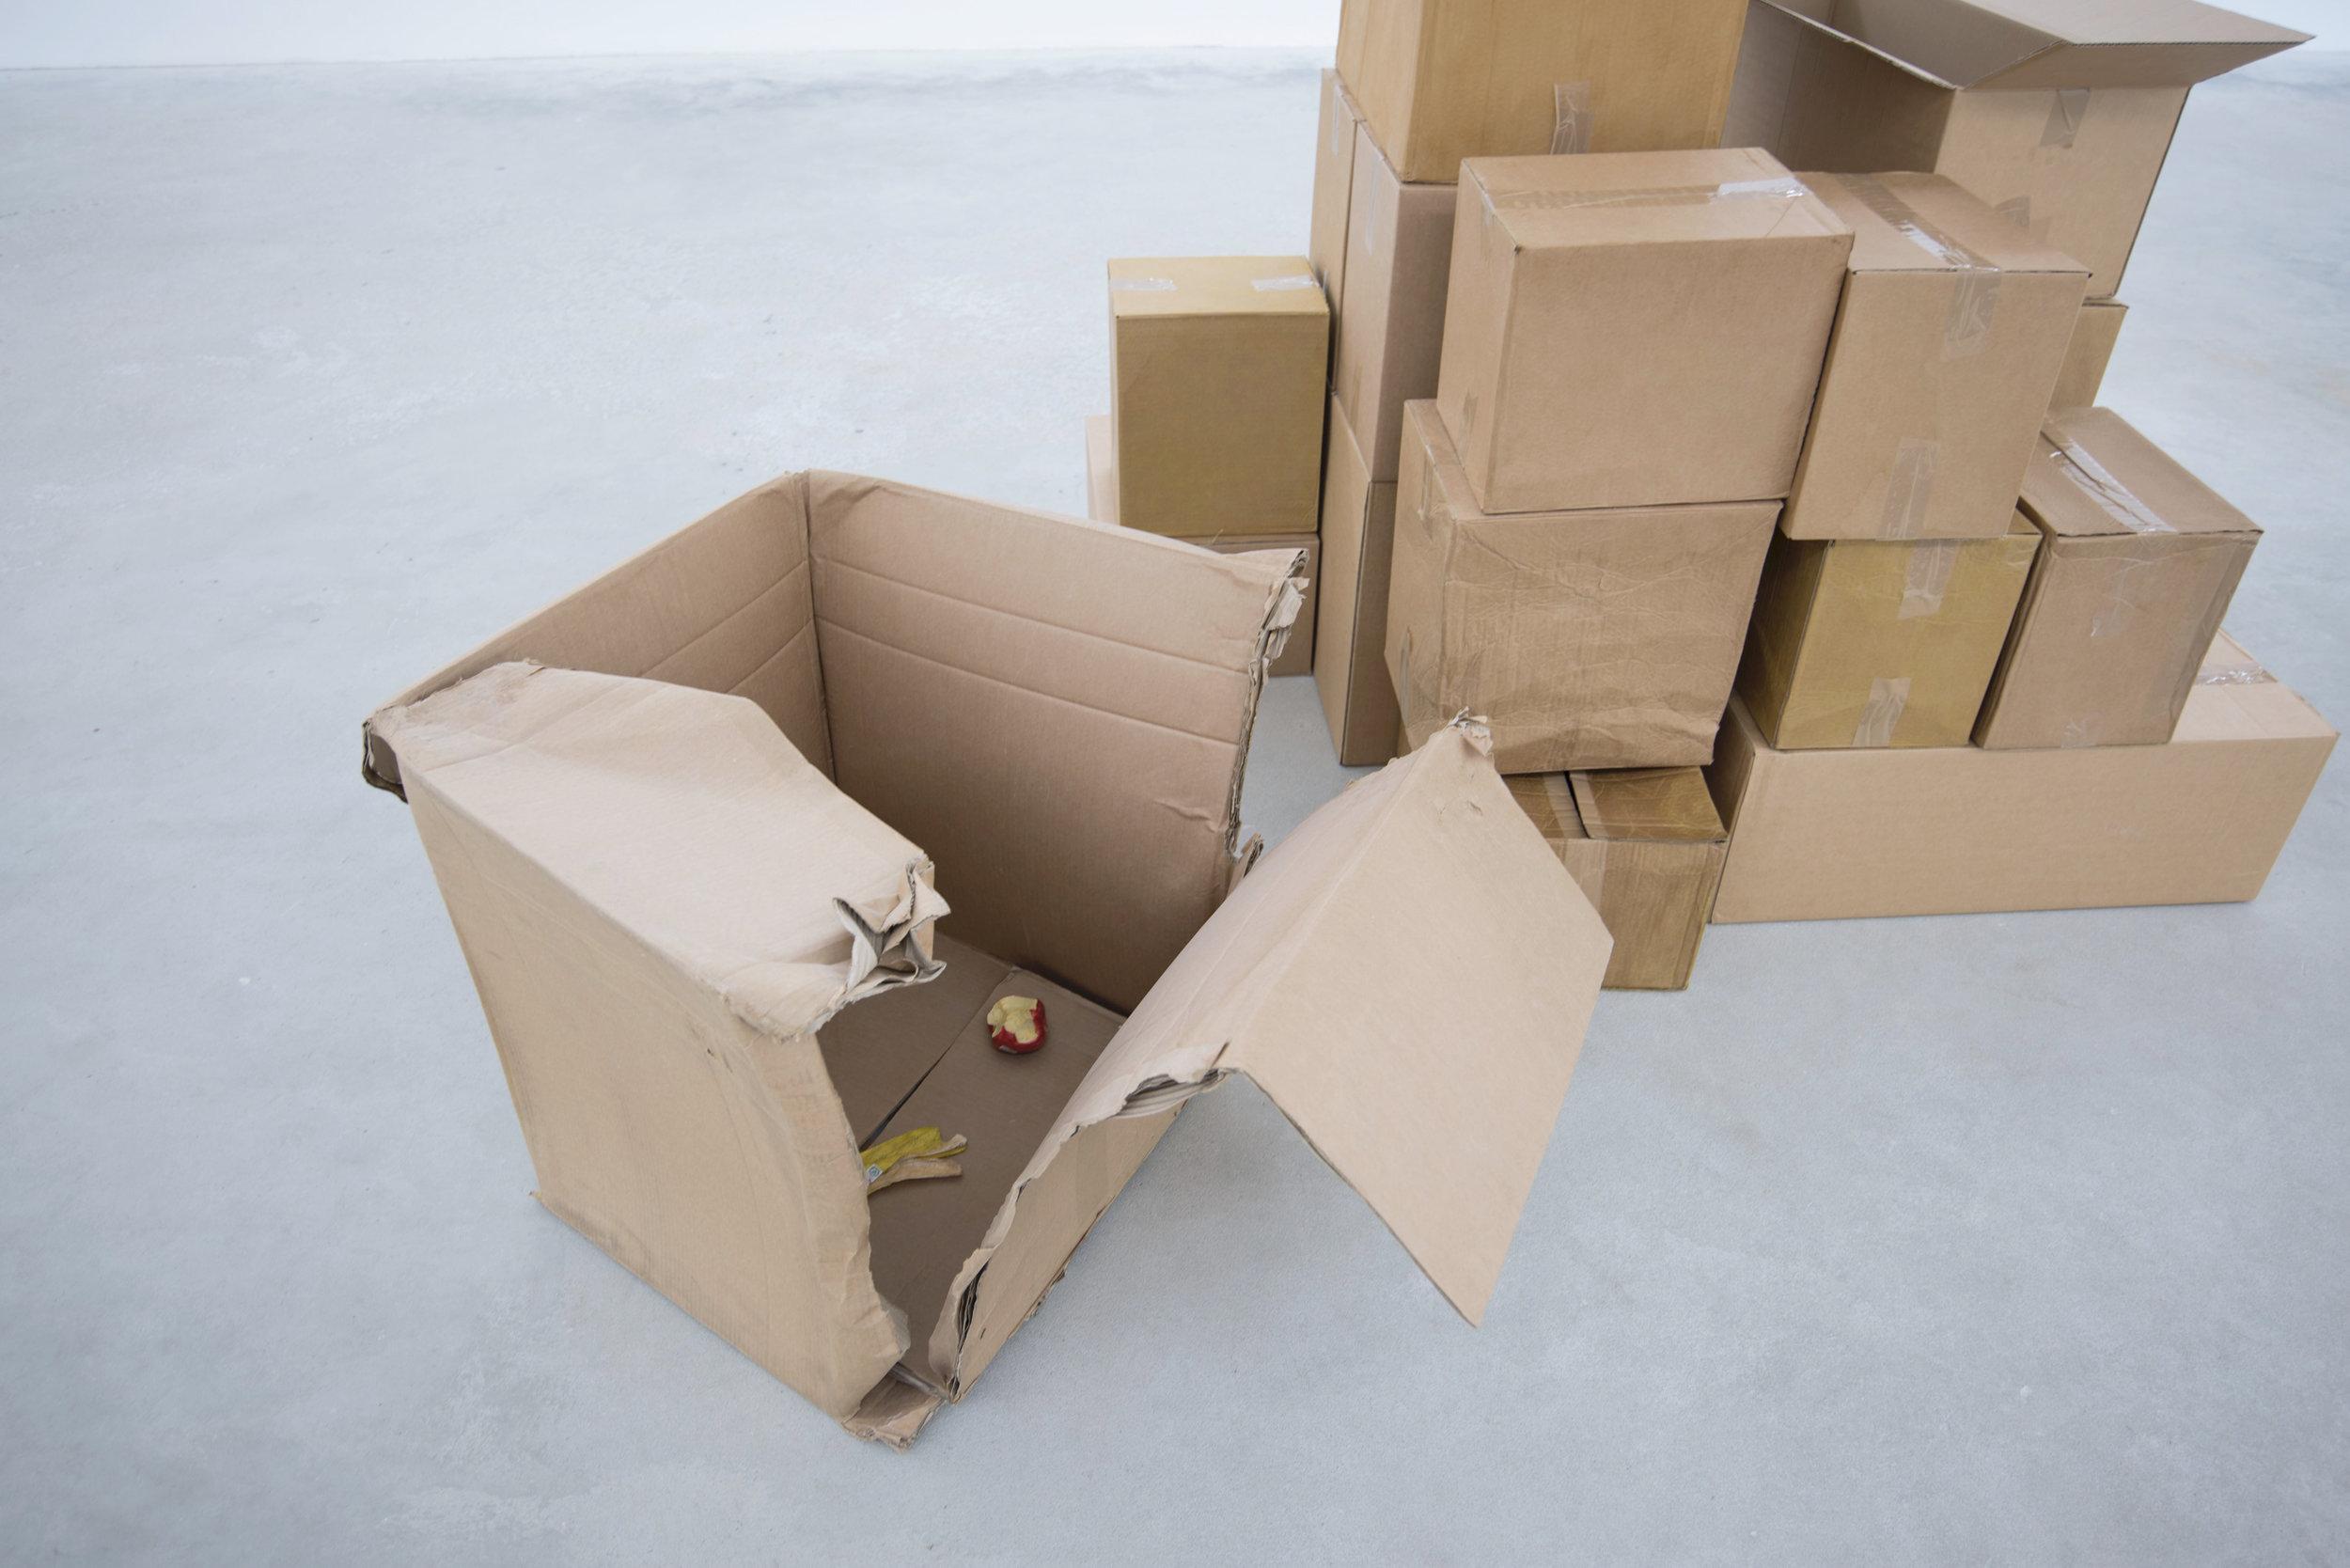 """Rasmus Ramö Streith - I Streith's ofta narrativt drivna installationer möts film, handgjorda skulpturer och funna objekt. Tillsammans eller enskilt används de till att bygga upp en atmosfär och olika situationer som kan beskrivas som kusliga samtidigt som det finns en förankring i det vardagliga. Där undersöks det mellanrum som uppstår i människans olika relationer till objekt. Mellanrummet används för att förstärka eller förvränga. Objekten arbetas fram som hela berättelser eller fragment av något. """"Saker"""" laddas med ny information och erbjuder en upplevelse, en fiktion där nya detaljer kan bli synliga. Platser och karaktärer träder fram, någonting har hänt, eller kommer att hända.Rasmus Ramö Streith föddes 1985 i Falköping, Sverige. Tog sin Masterexamen inom fri konst på Malmö Konsthögskola 2018. Har en bakgrund inom stop motion animation. Tog en Kandidatexamen vid Högskolan på Gotland 2009 i programmet """"Att skriva manus för film"""". Med en utgångspunkt inom just film har skrivandet och uppbyggnaden av filmset letat sig in i hans konstnärliga praktik.Till grupputställningen på Arnstedt presenterar Streith nya arbeten. Bland annat en serie väggbaserade skulpturer/reliefer som blandar stilleben och filmens rörlighet, bit för bit återges en scen vid ett middagsbord. På golvet står också ett antal kartonger som har öppnats och packats upp.'Cut off my arm. I say,"""